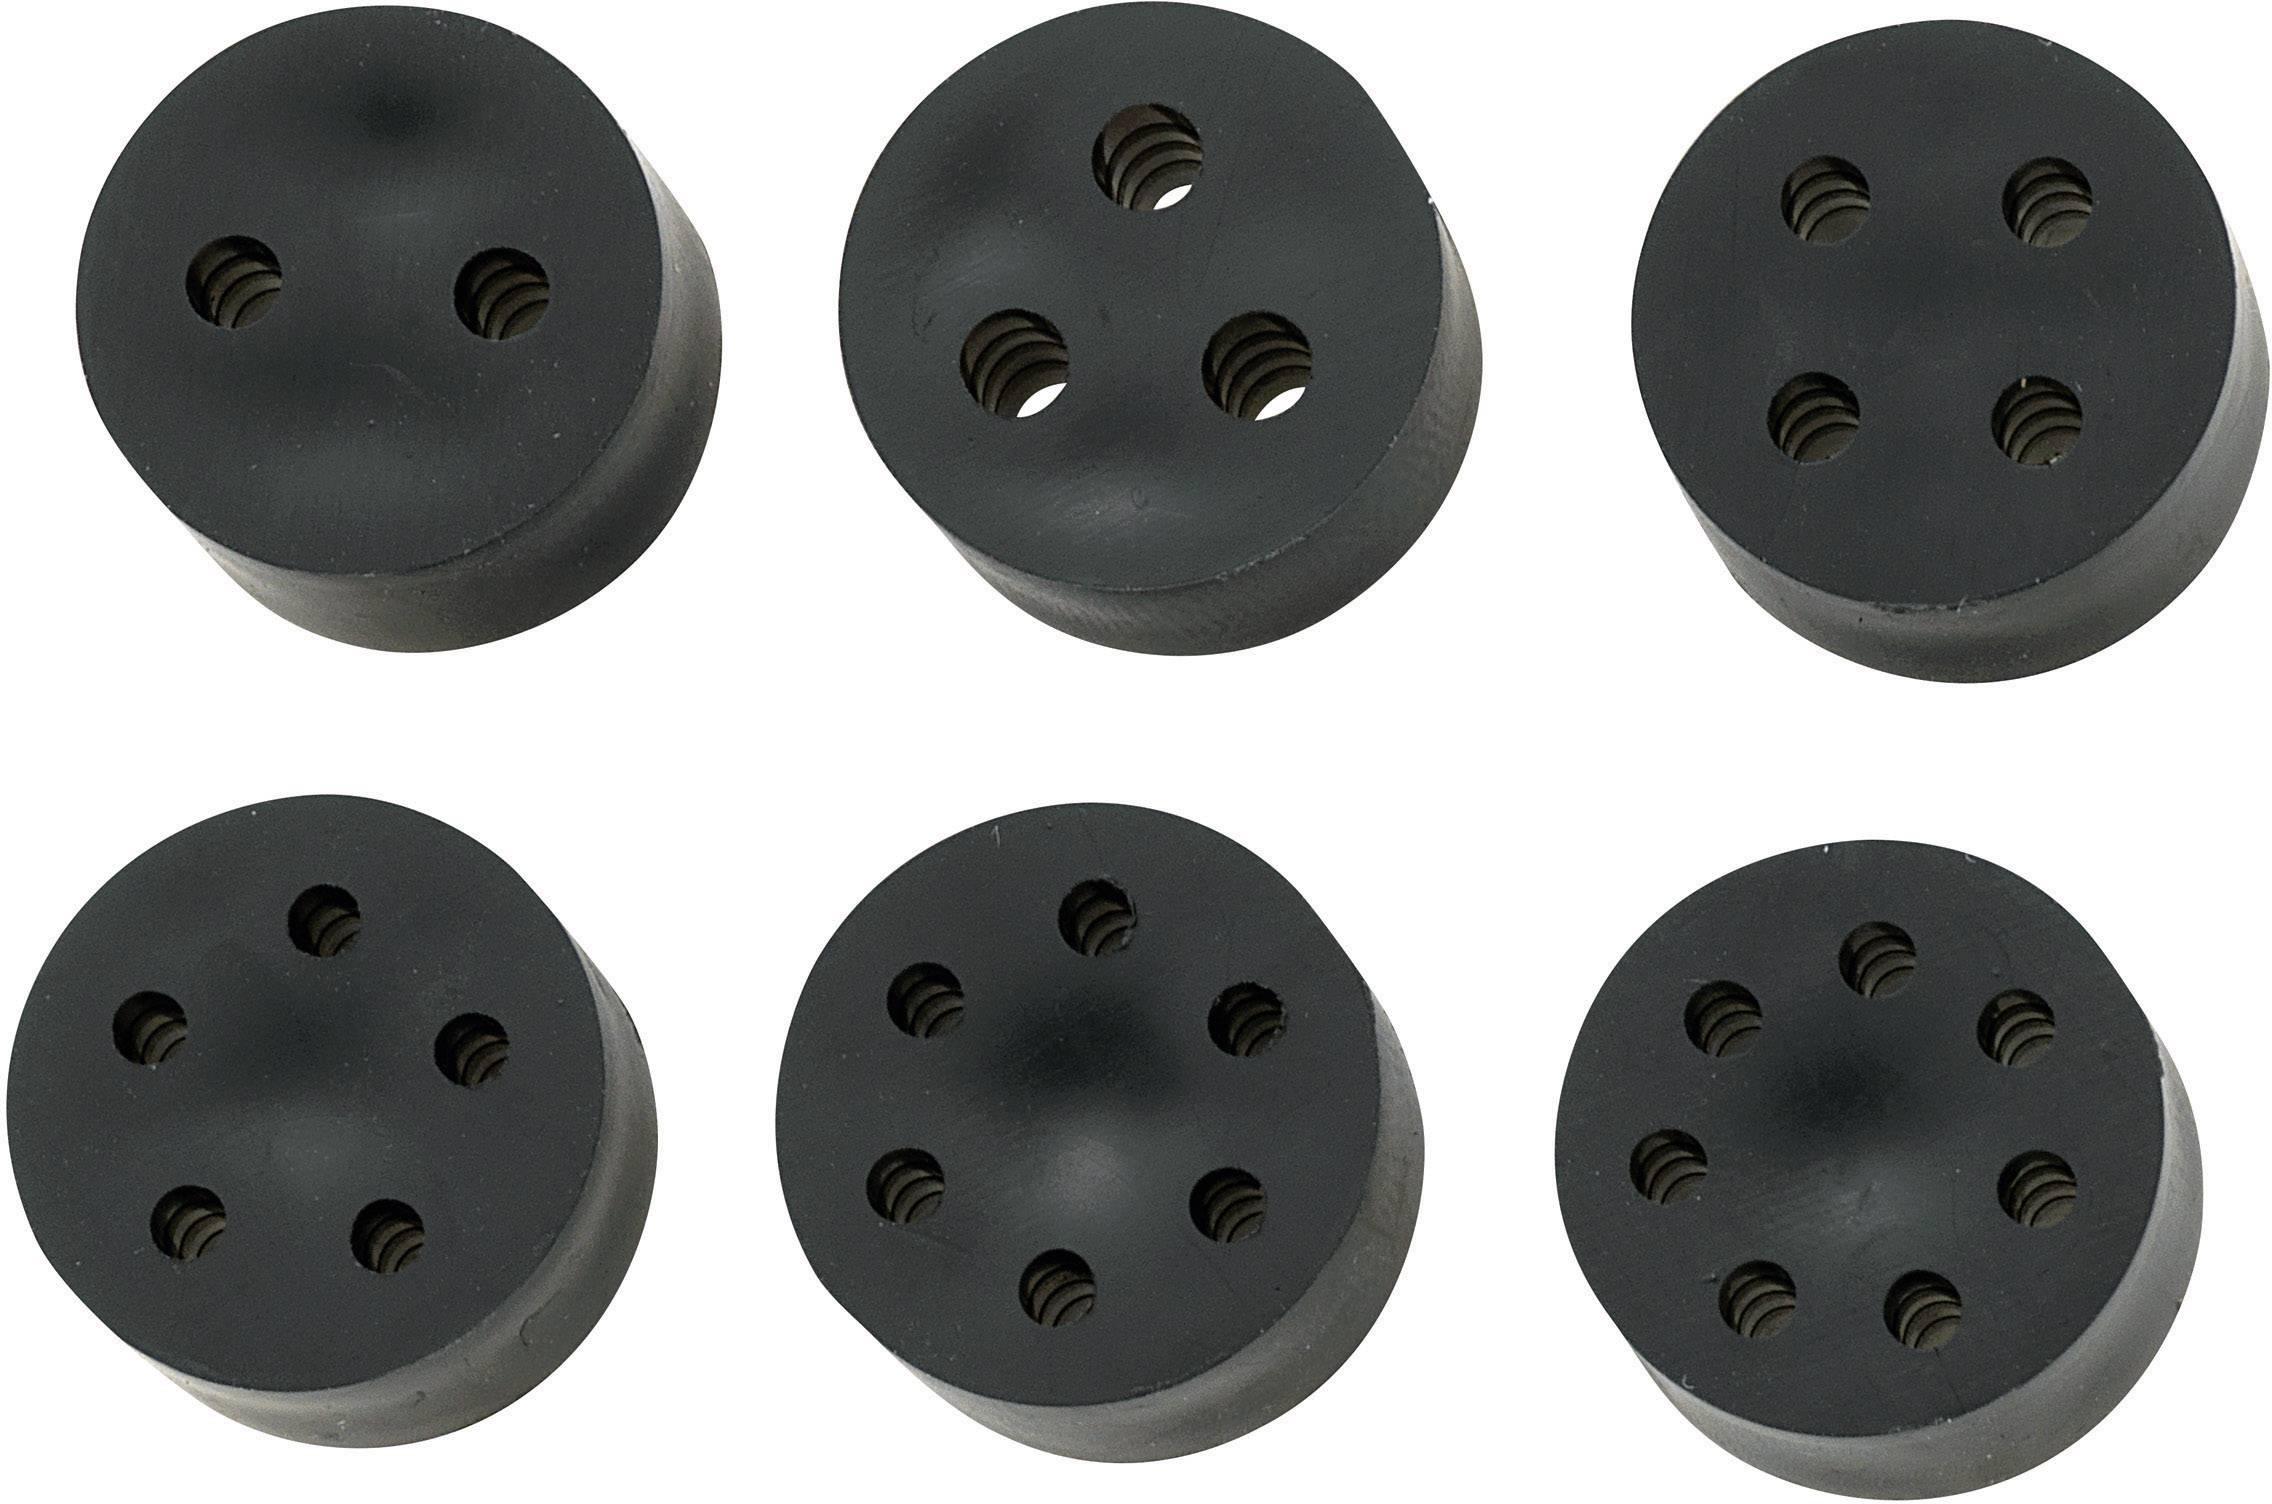 Tesniaca vložka s viacerými priechodmi KSS MH23-5B, M25, guma, 1 ks